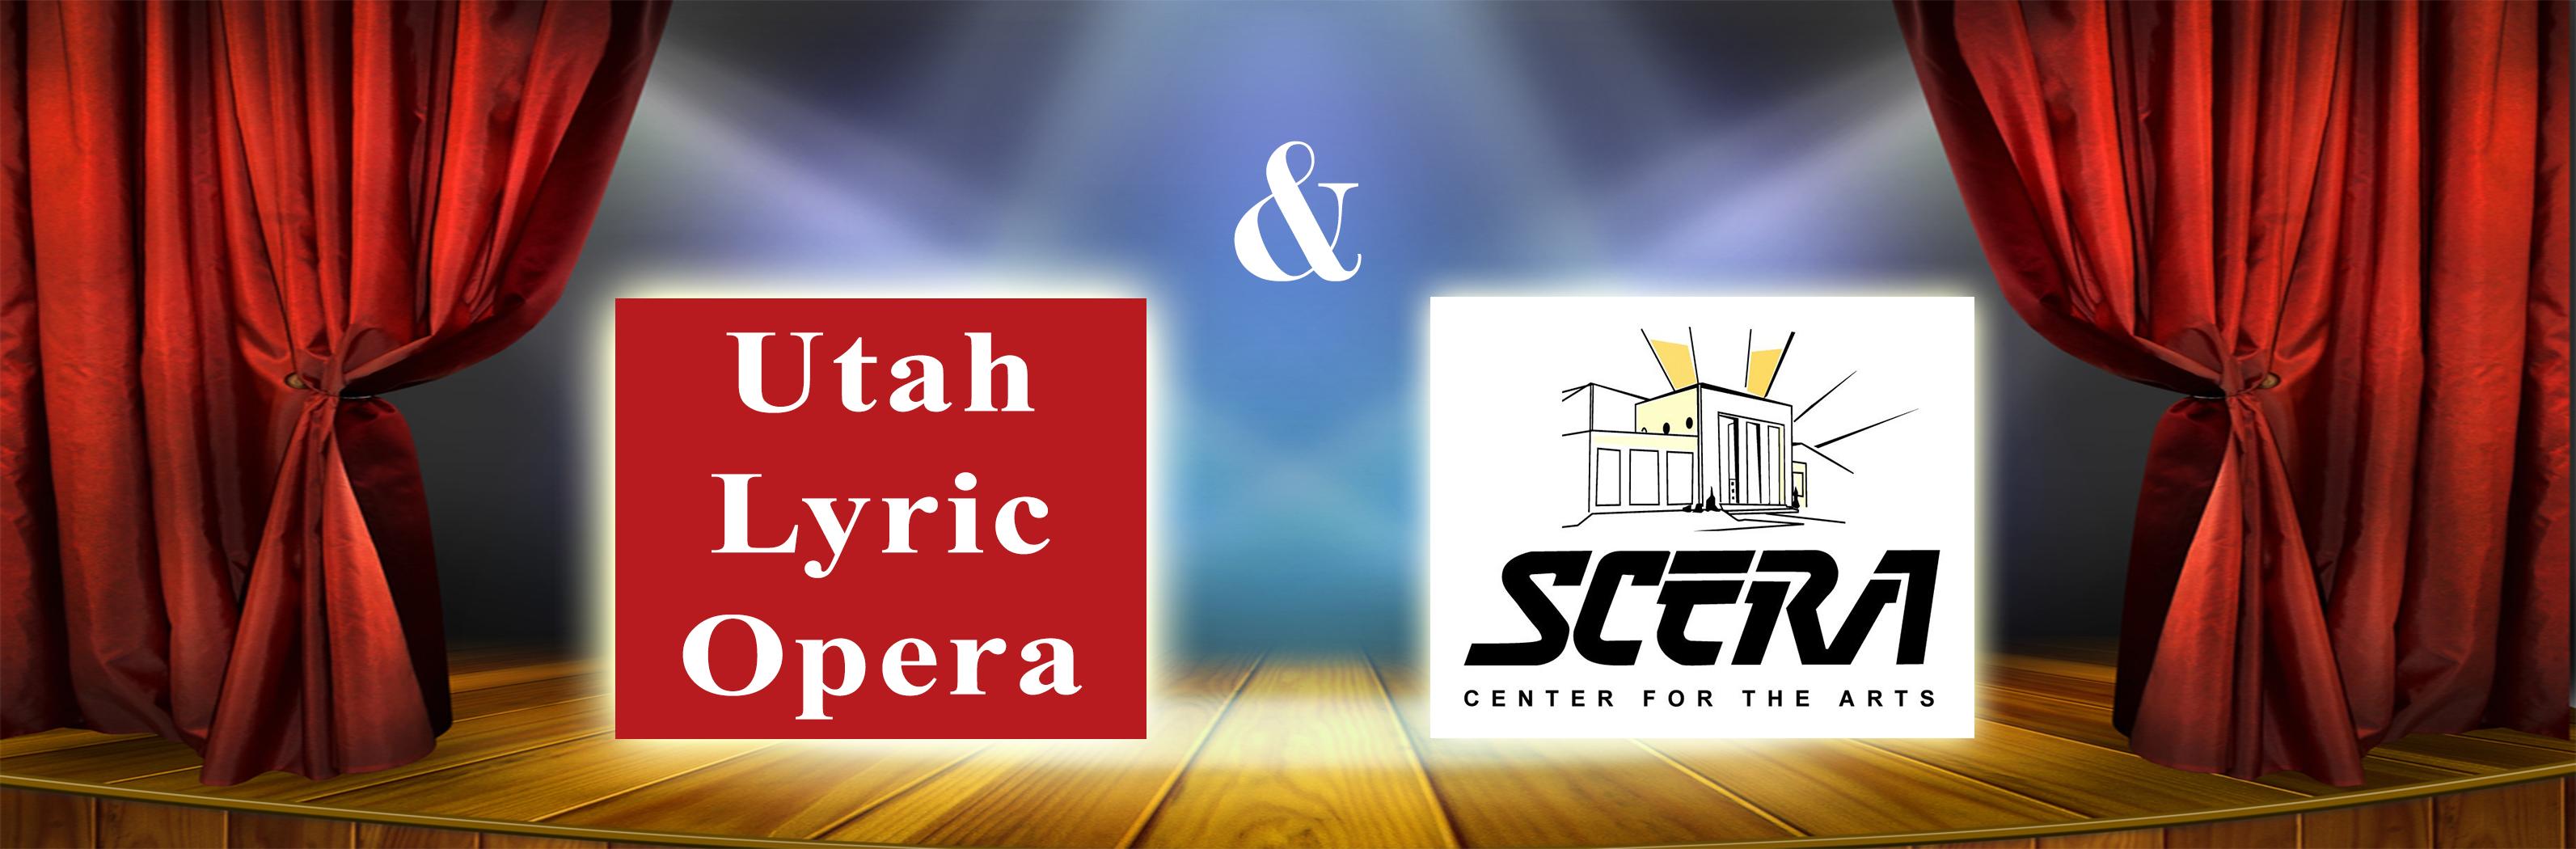 SCERA & ULO Theatre Graphi